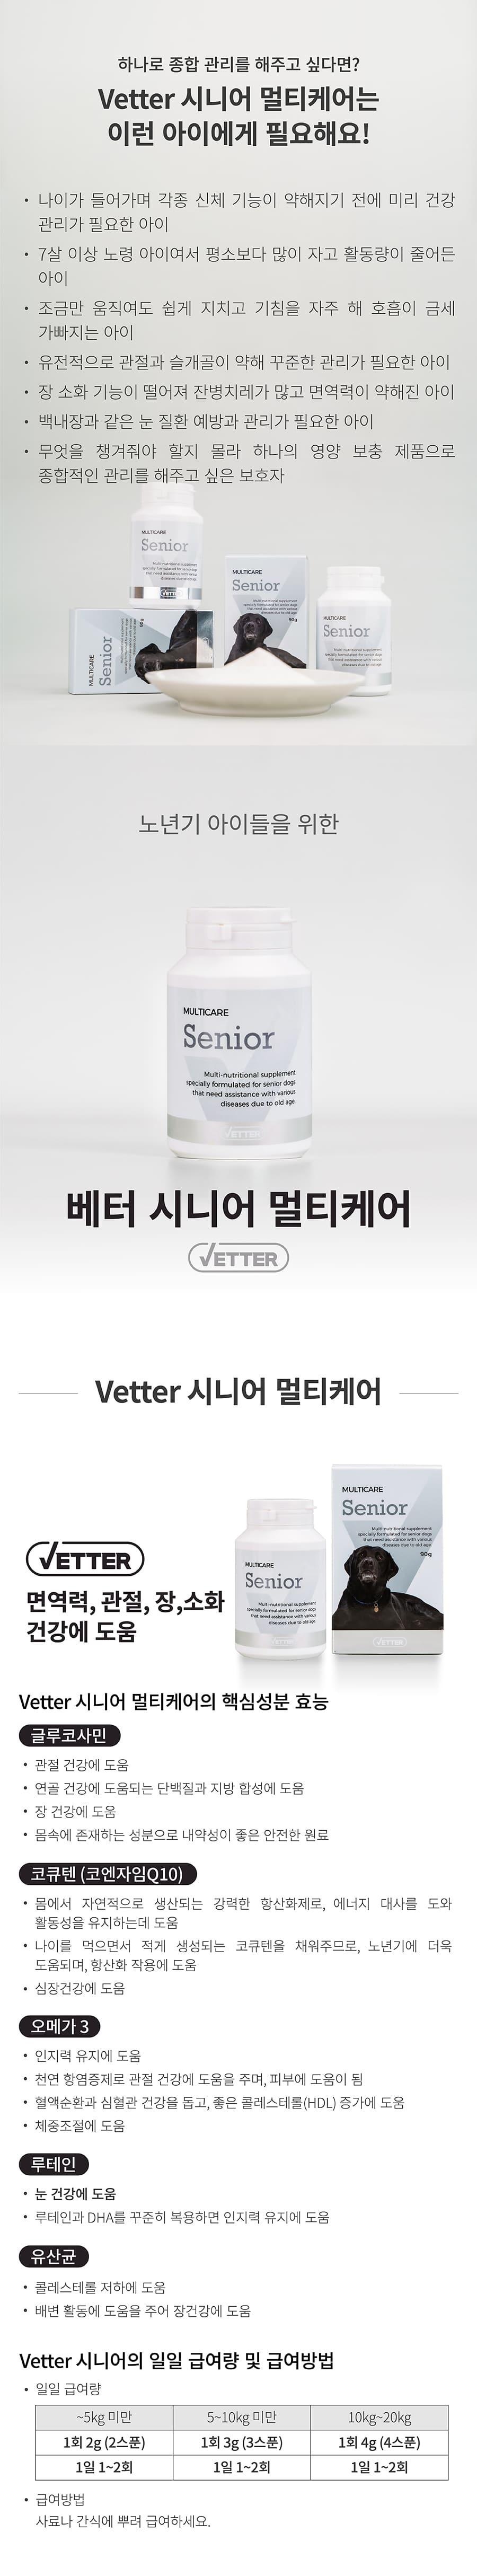 [EVENT] Vetter 댕냥이 영양 파우더 11종 (관절/피부/안정/눈/장/소화)-상품이미지-28